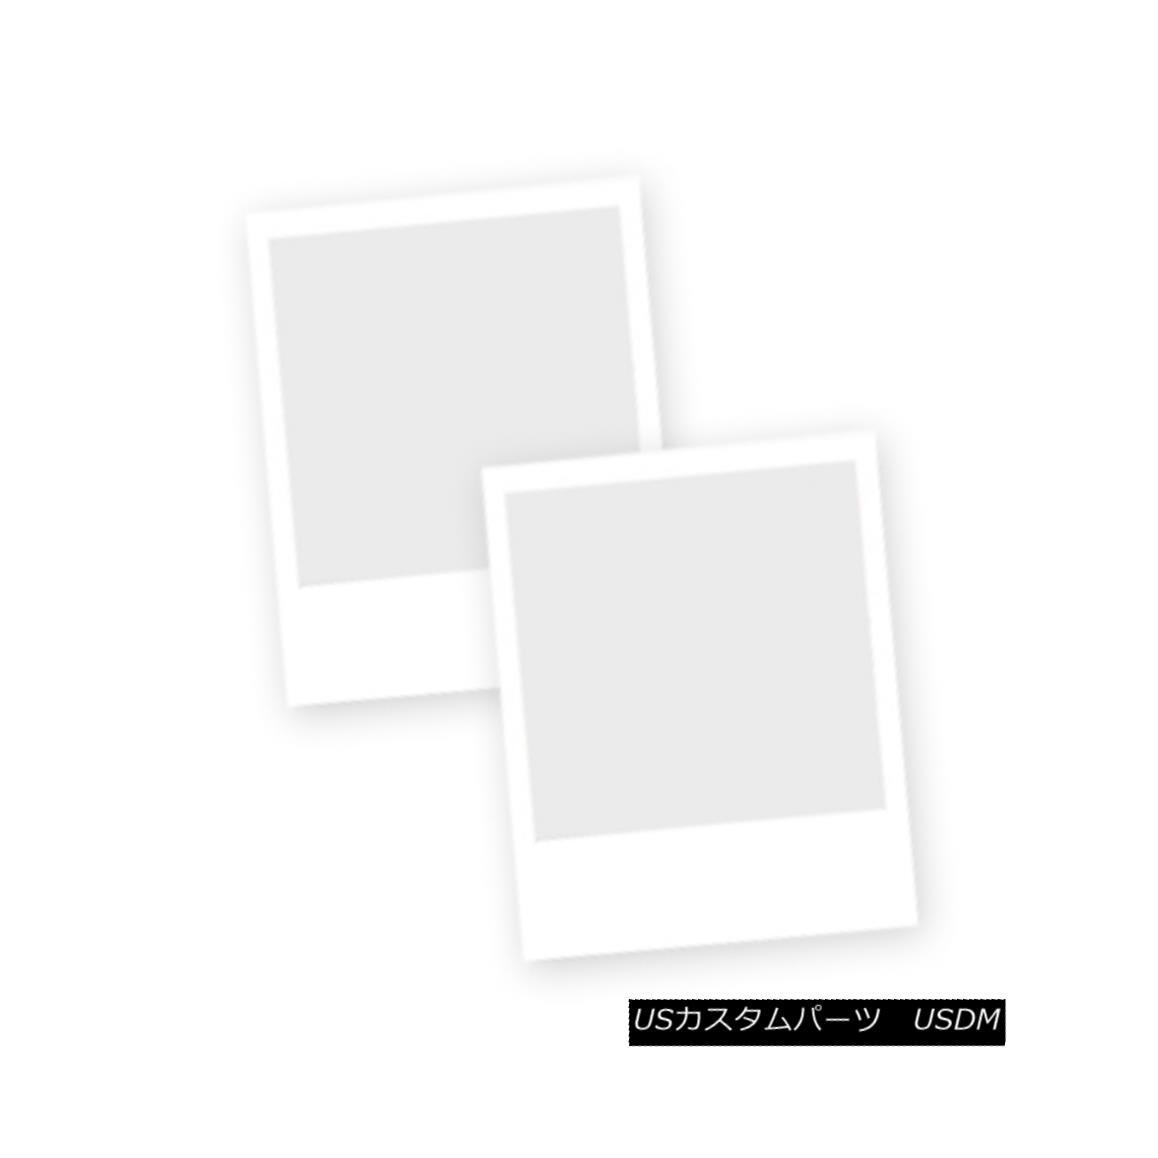 グリル Fits 2013-2016 GMC Acadia SLE Model W/Logo Show Stainless Mesh Grille Combo フィット2013-2020 GMCアカディアSLEモデルW /ロゴショーステンレスメッシュグリルコンボ